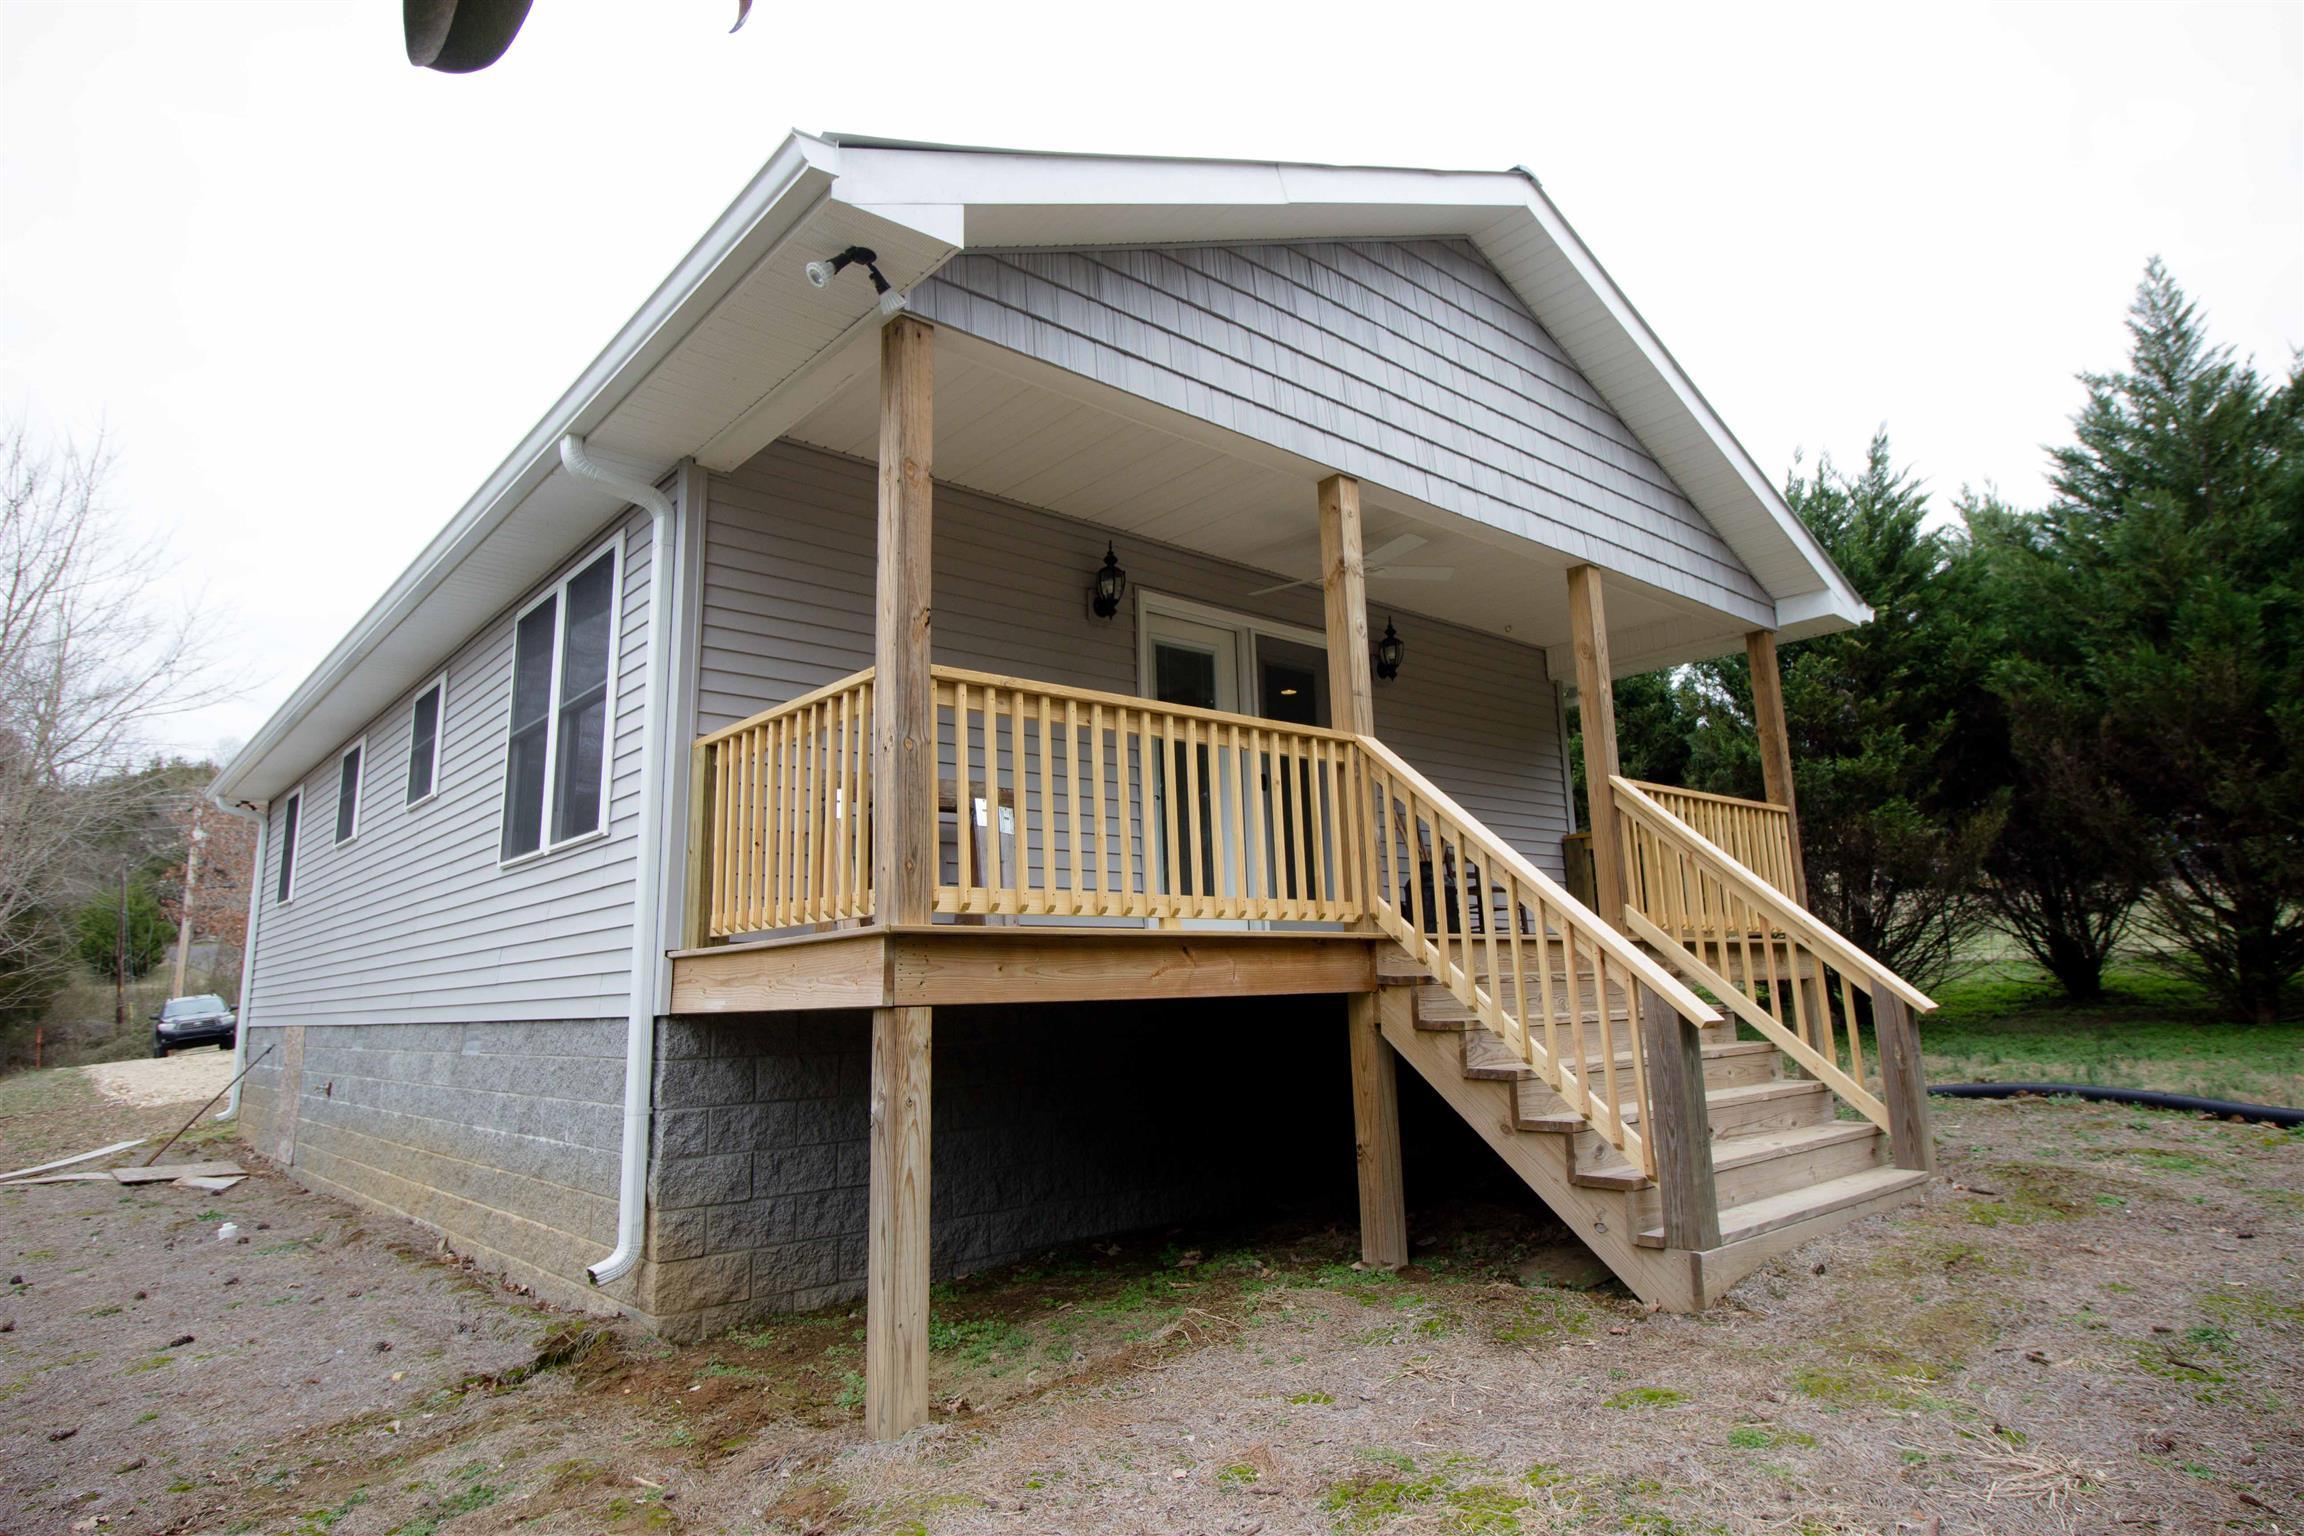 227 Ewing Lane, Granville, TN 38564 - Granville, TN real estate listing